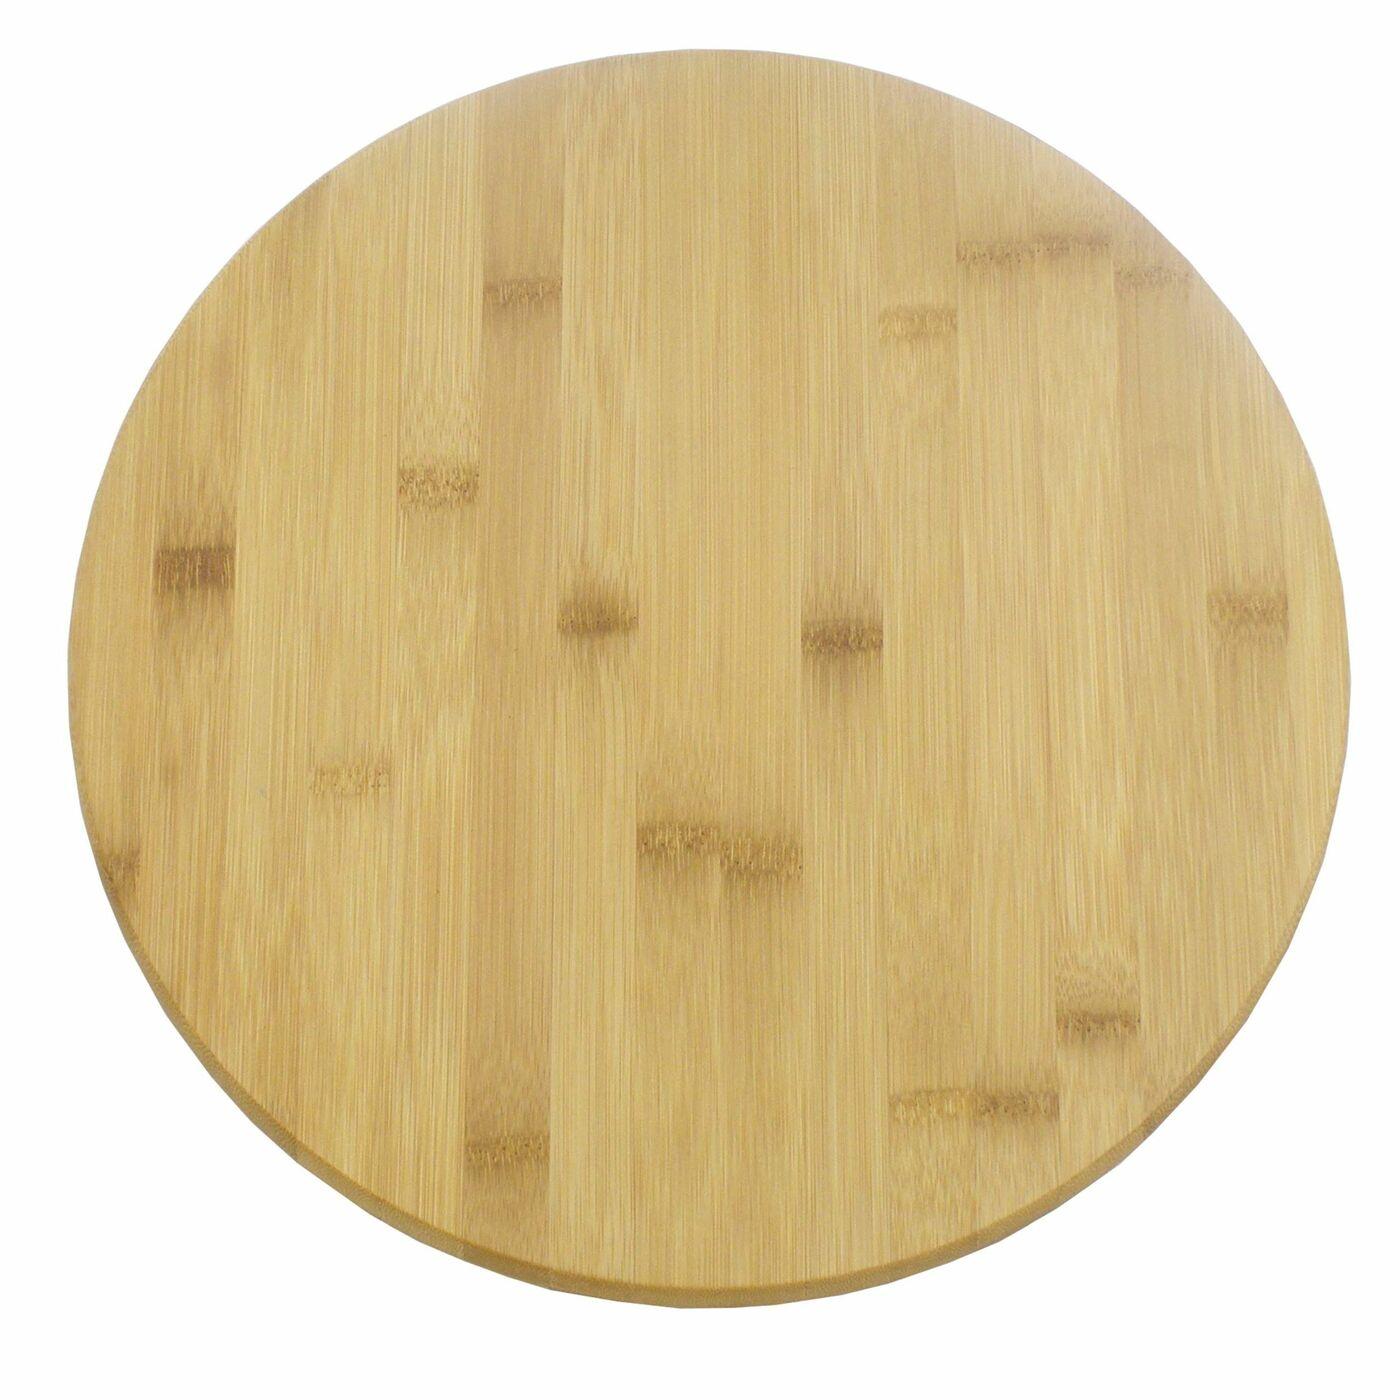 Deska Do Serwowania Obrotowa Bambusowa Tadar 35 X 2 5 Cm Tadar Pl